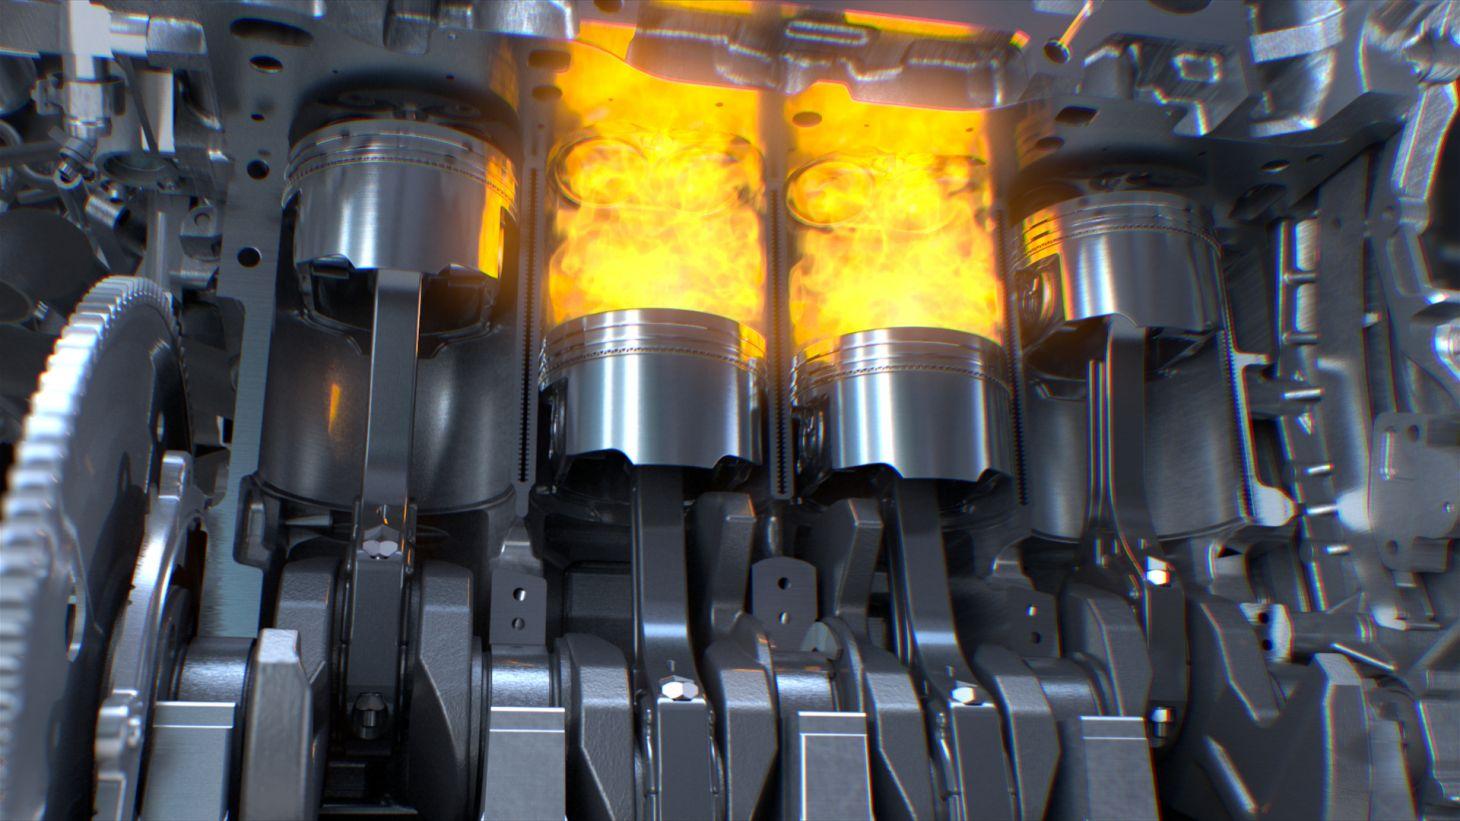 motor do carro arte interna pistao pistoes camara combustao potencia cavalos hp torque